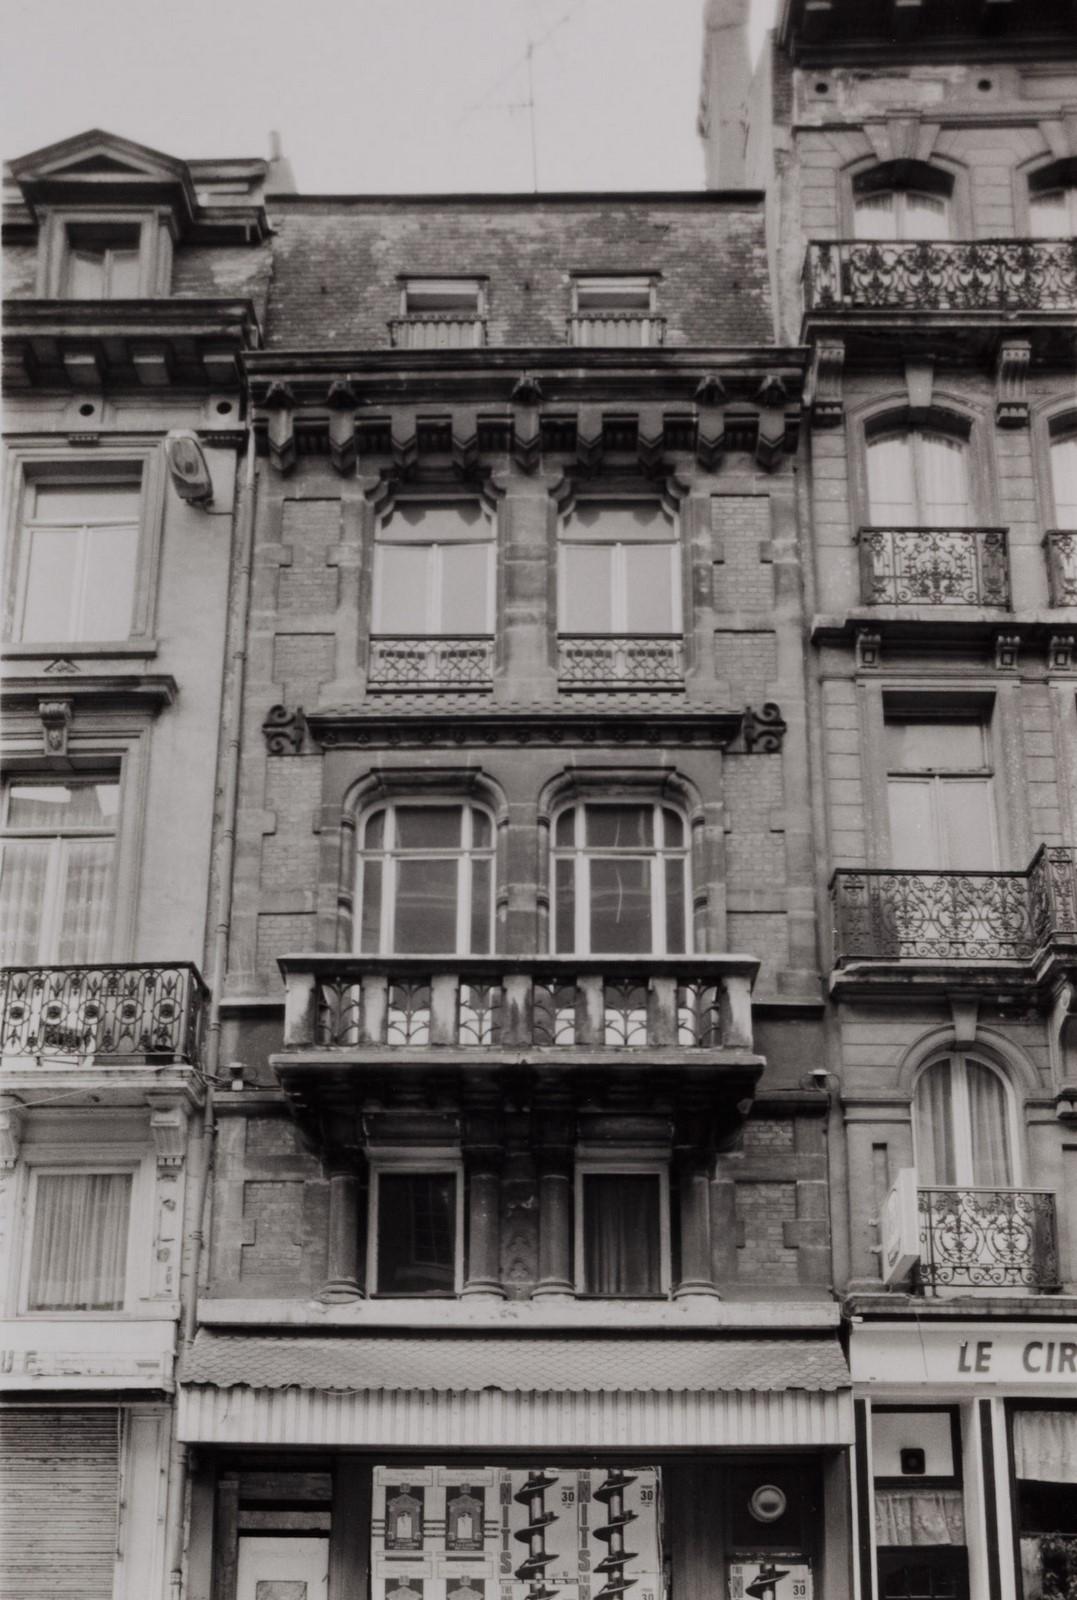 rue de l'Enseignement 120-122., 1990